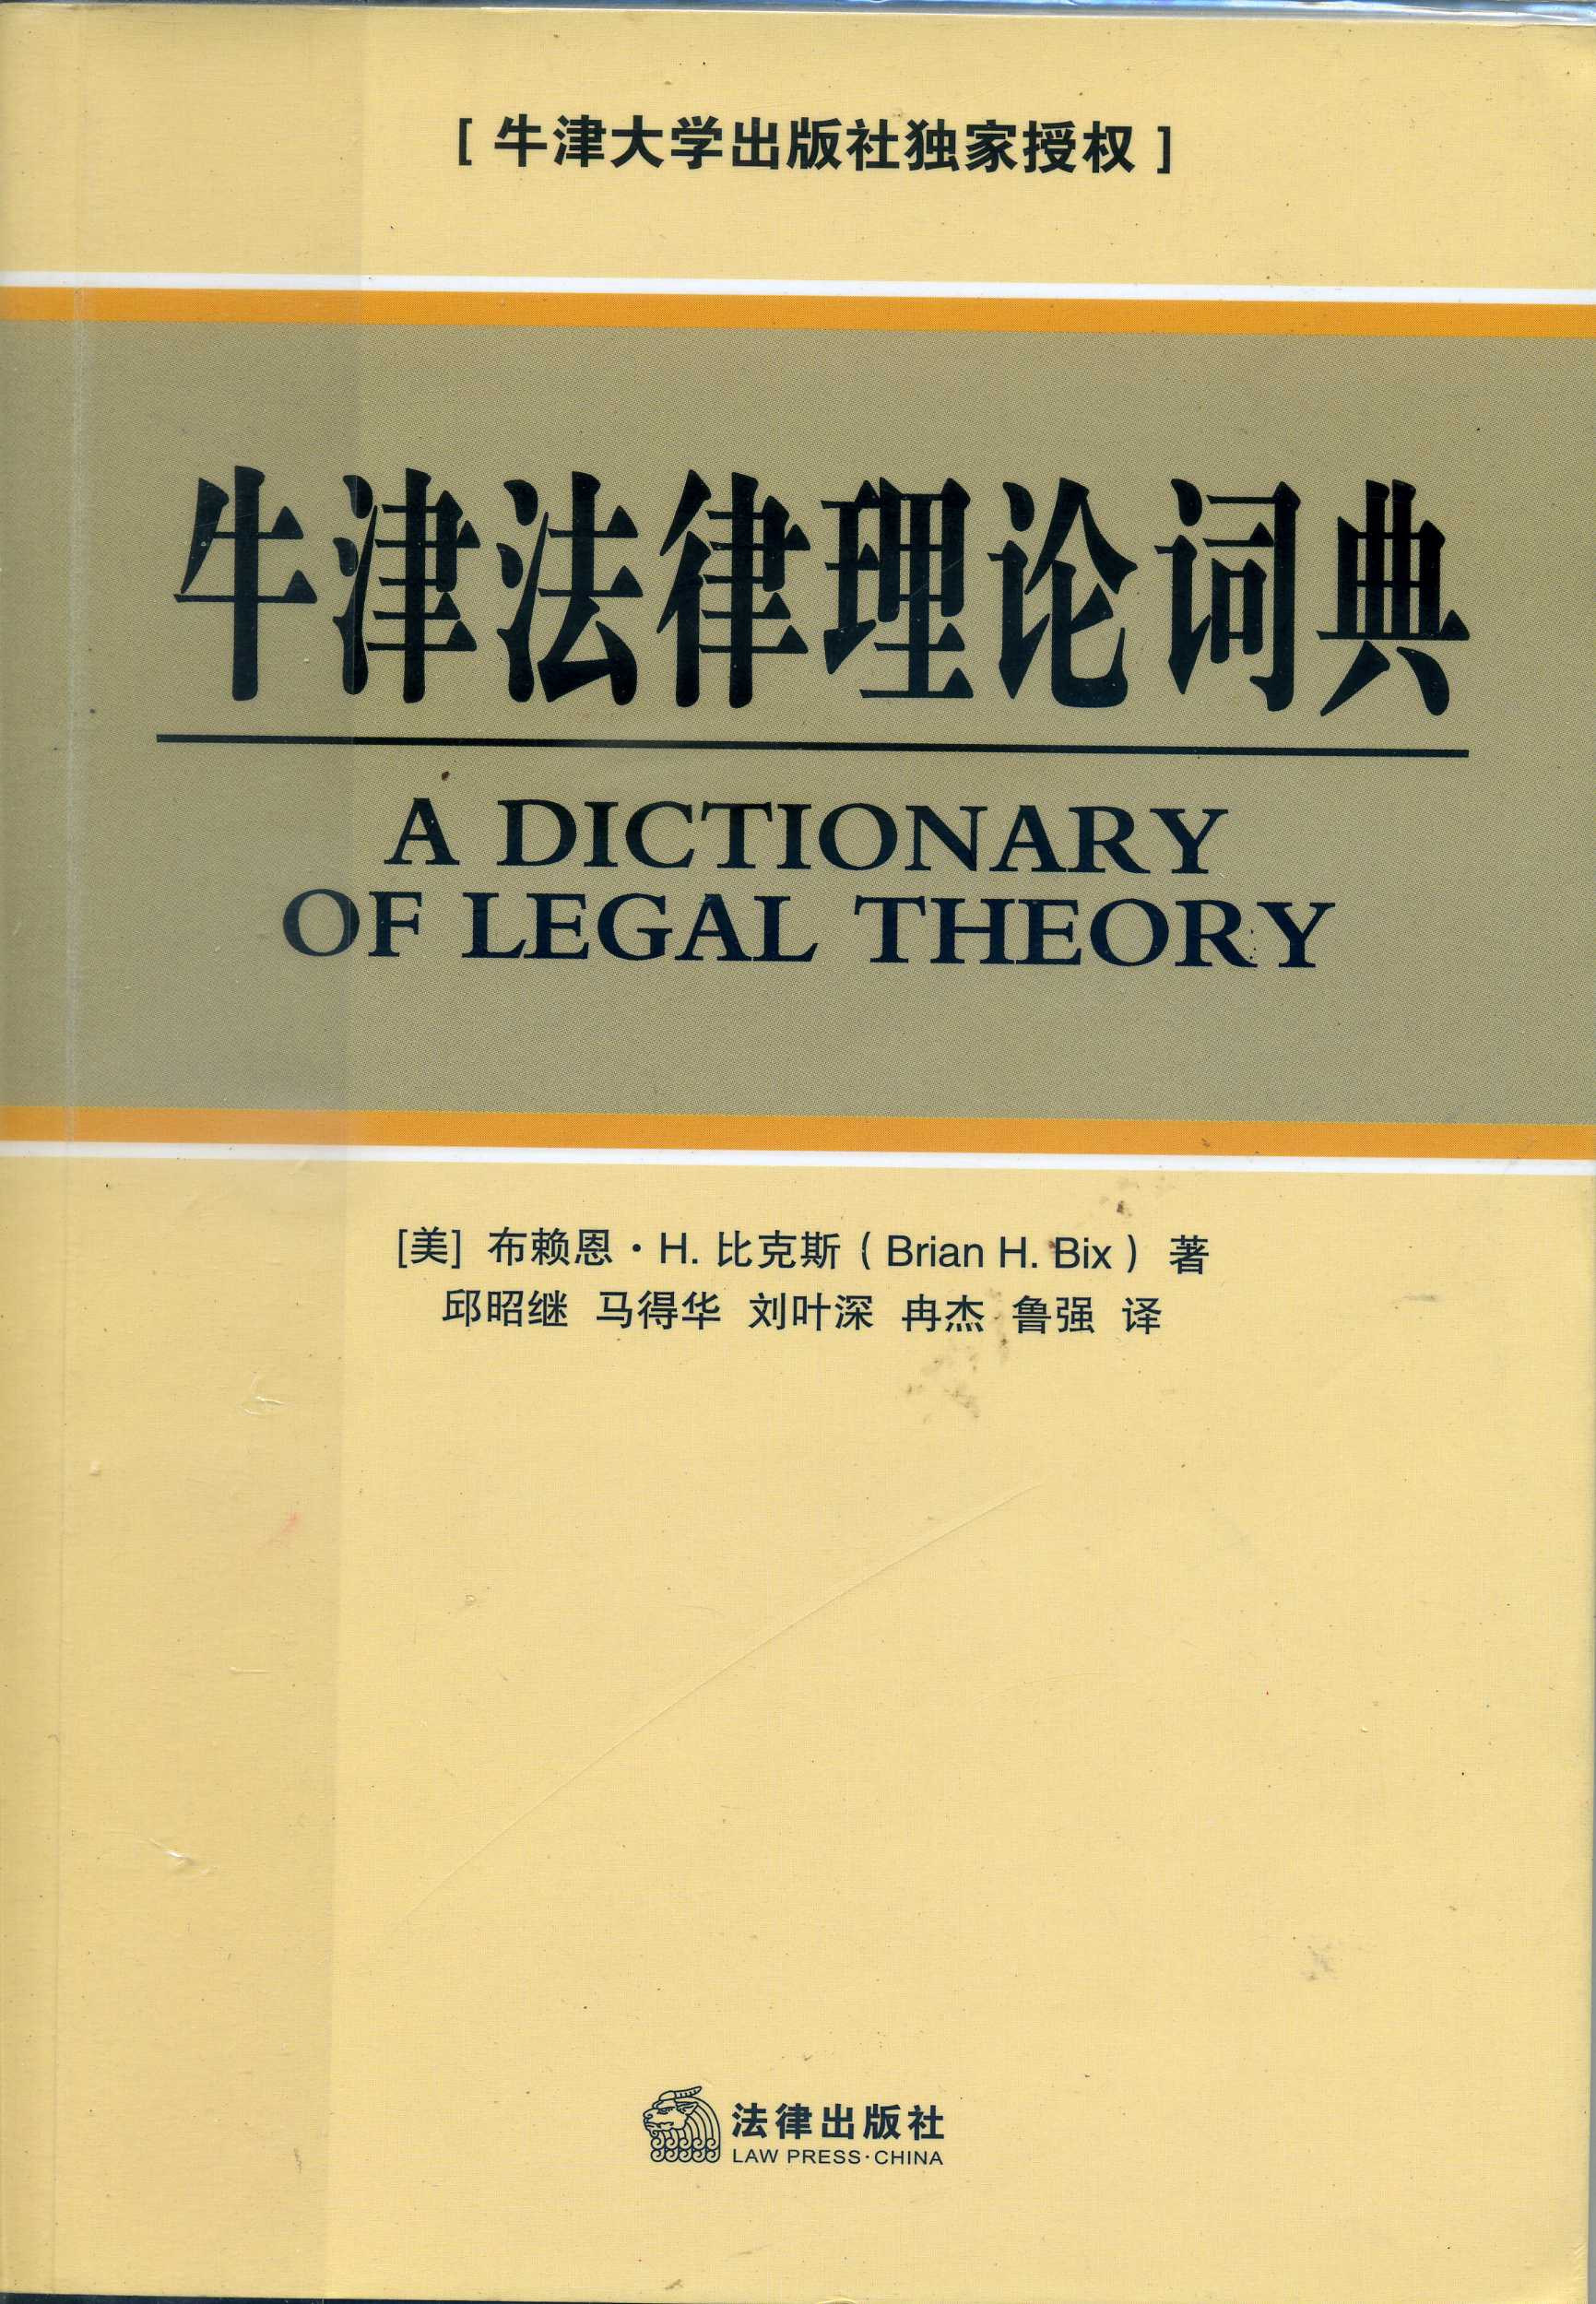 牛津法律理论词典/Dictionary of legal theory